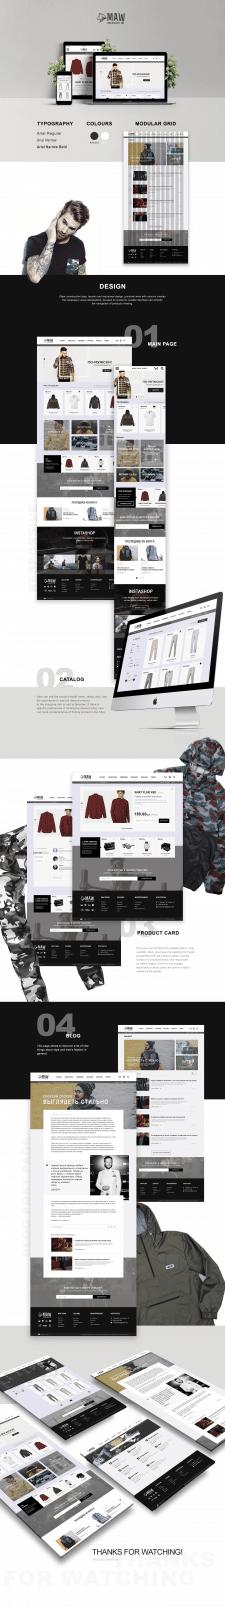 Concept of men's online clothing shop